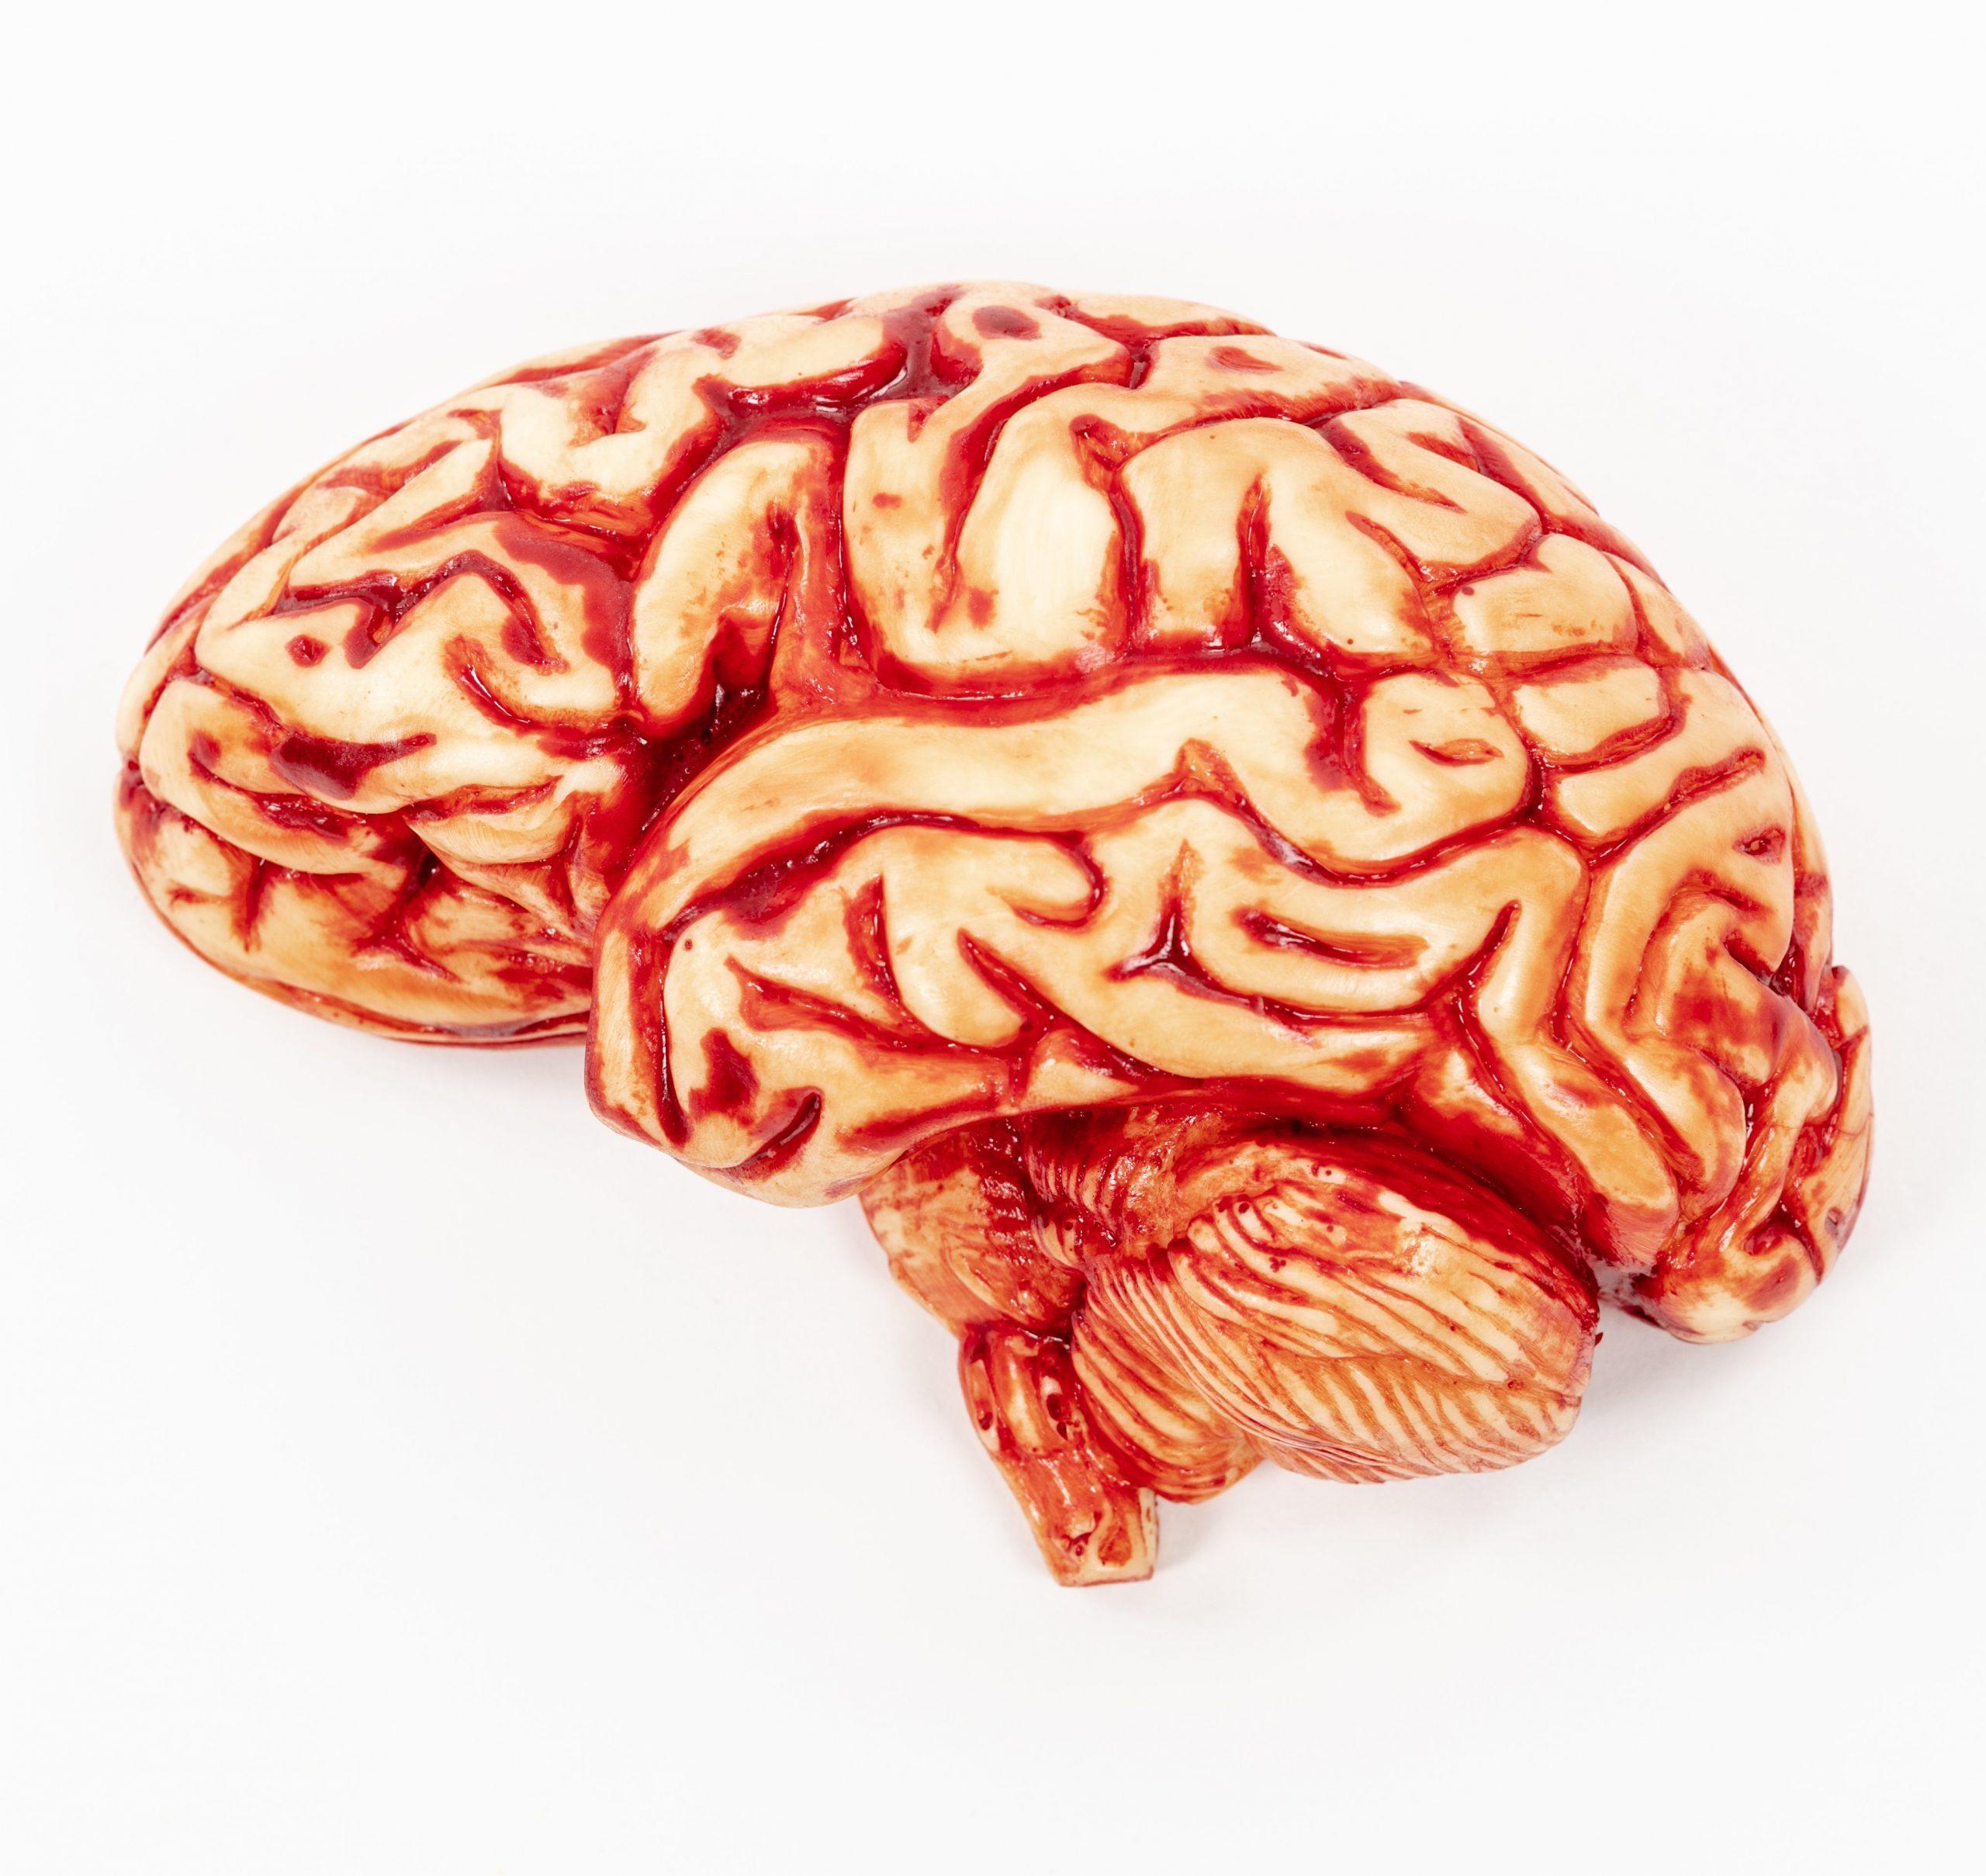 Chocolate Brain